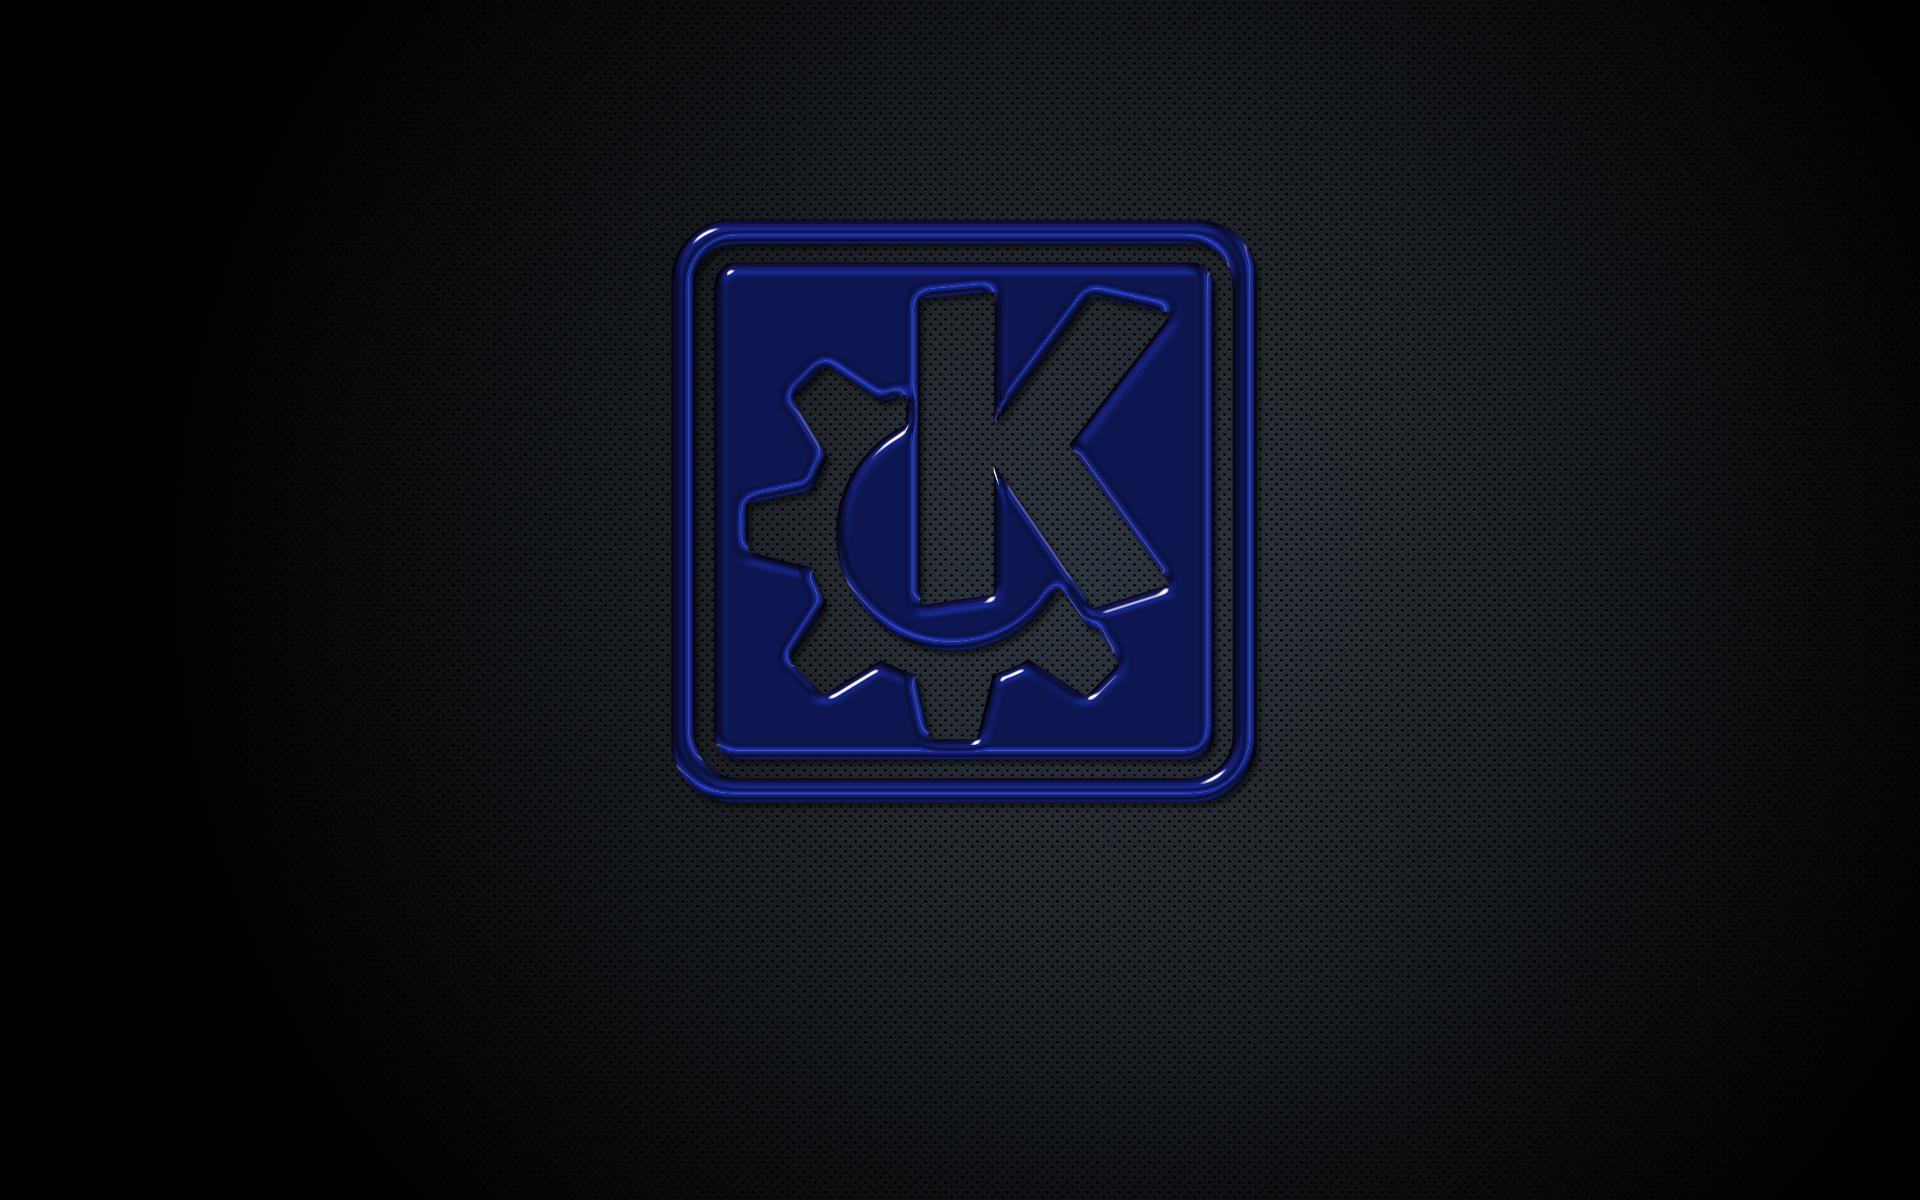 LWP08 - KDE